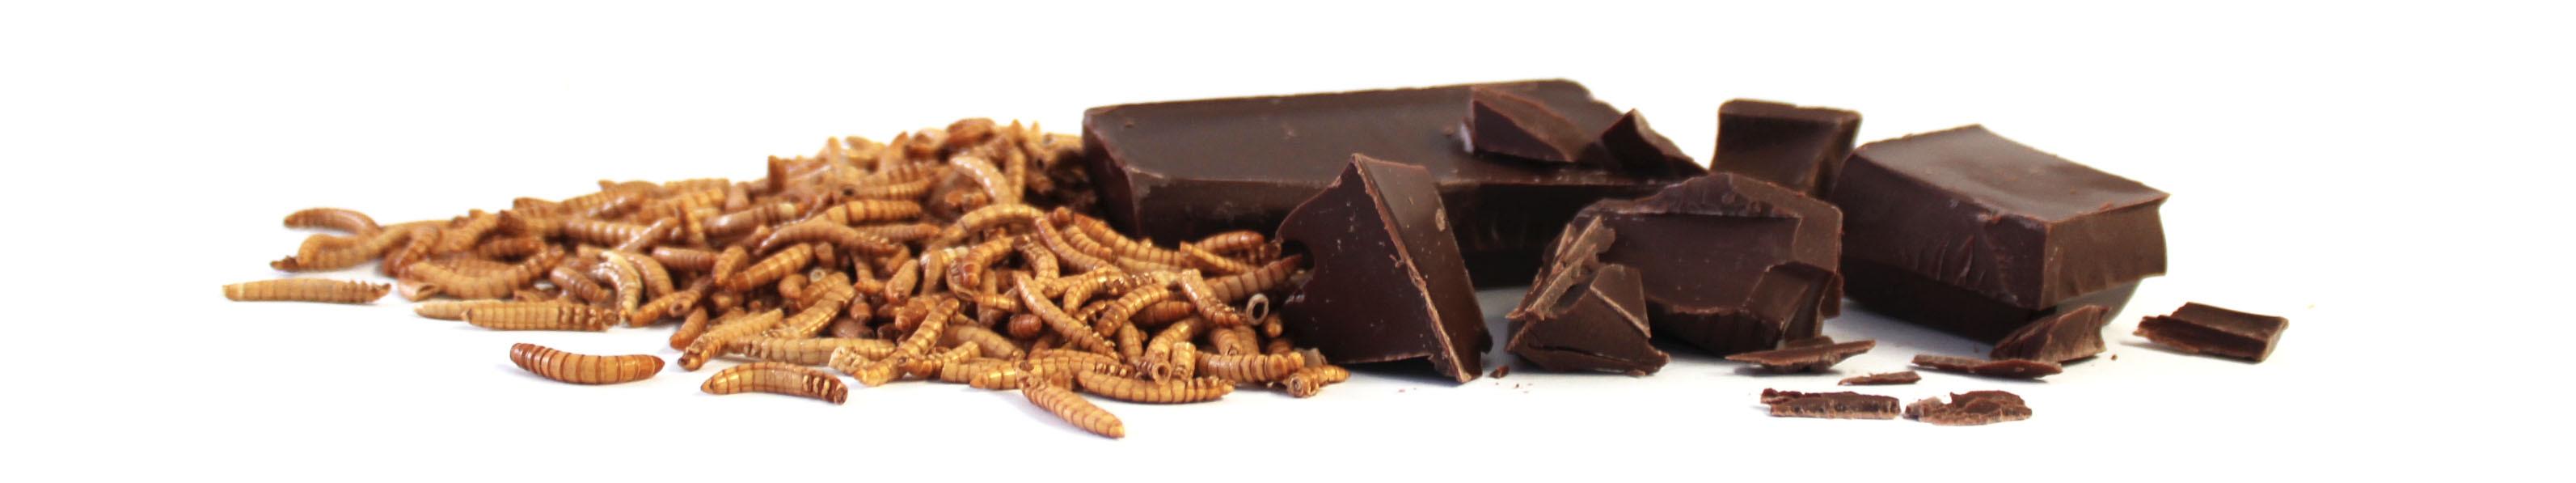 Insekten_in_Schokolade_INsektenschokolade_von_Snack-Insects_kaufen